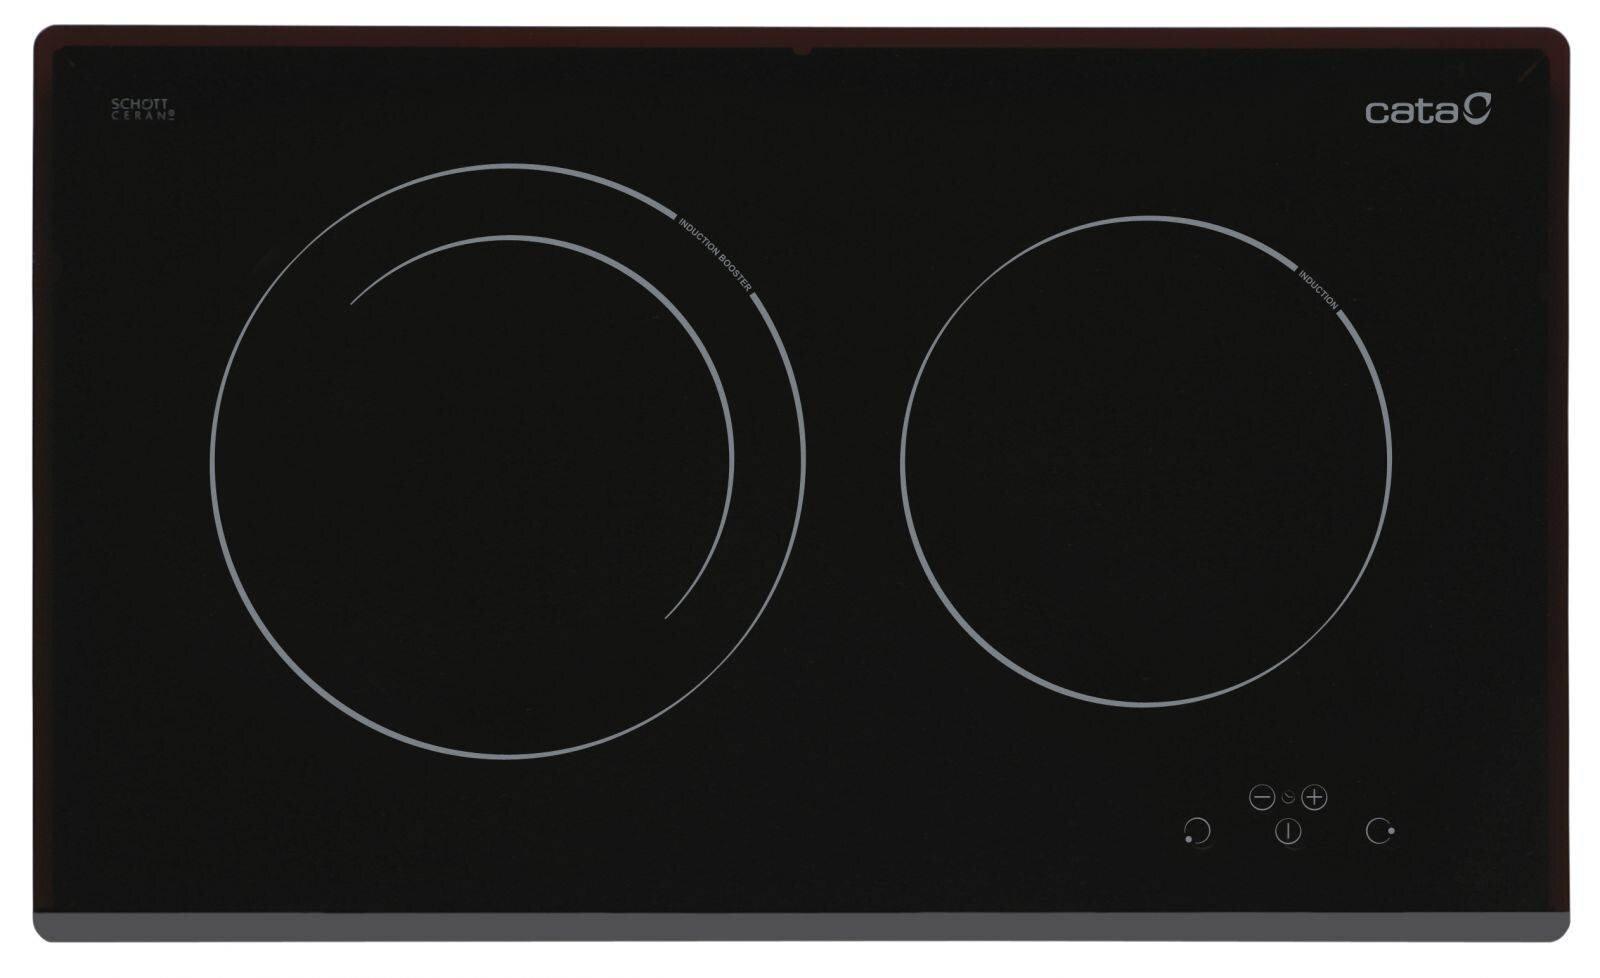 Có nên mua bếp từ Cata I 2PLUS với giá 5 triệu đồng?